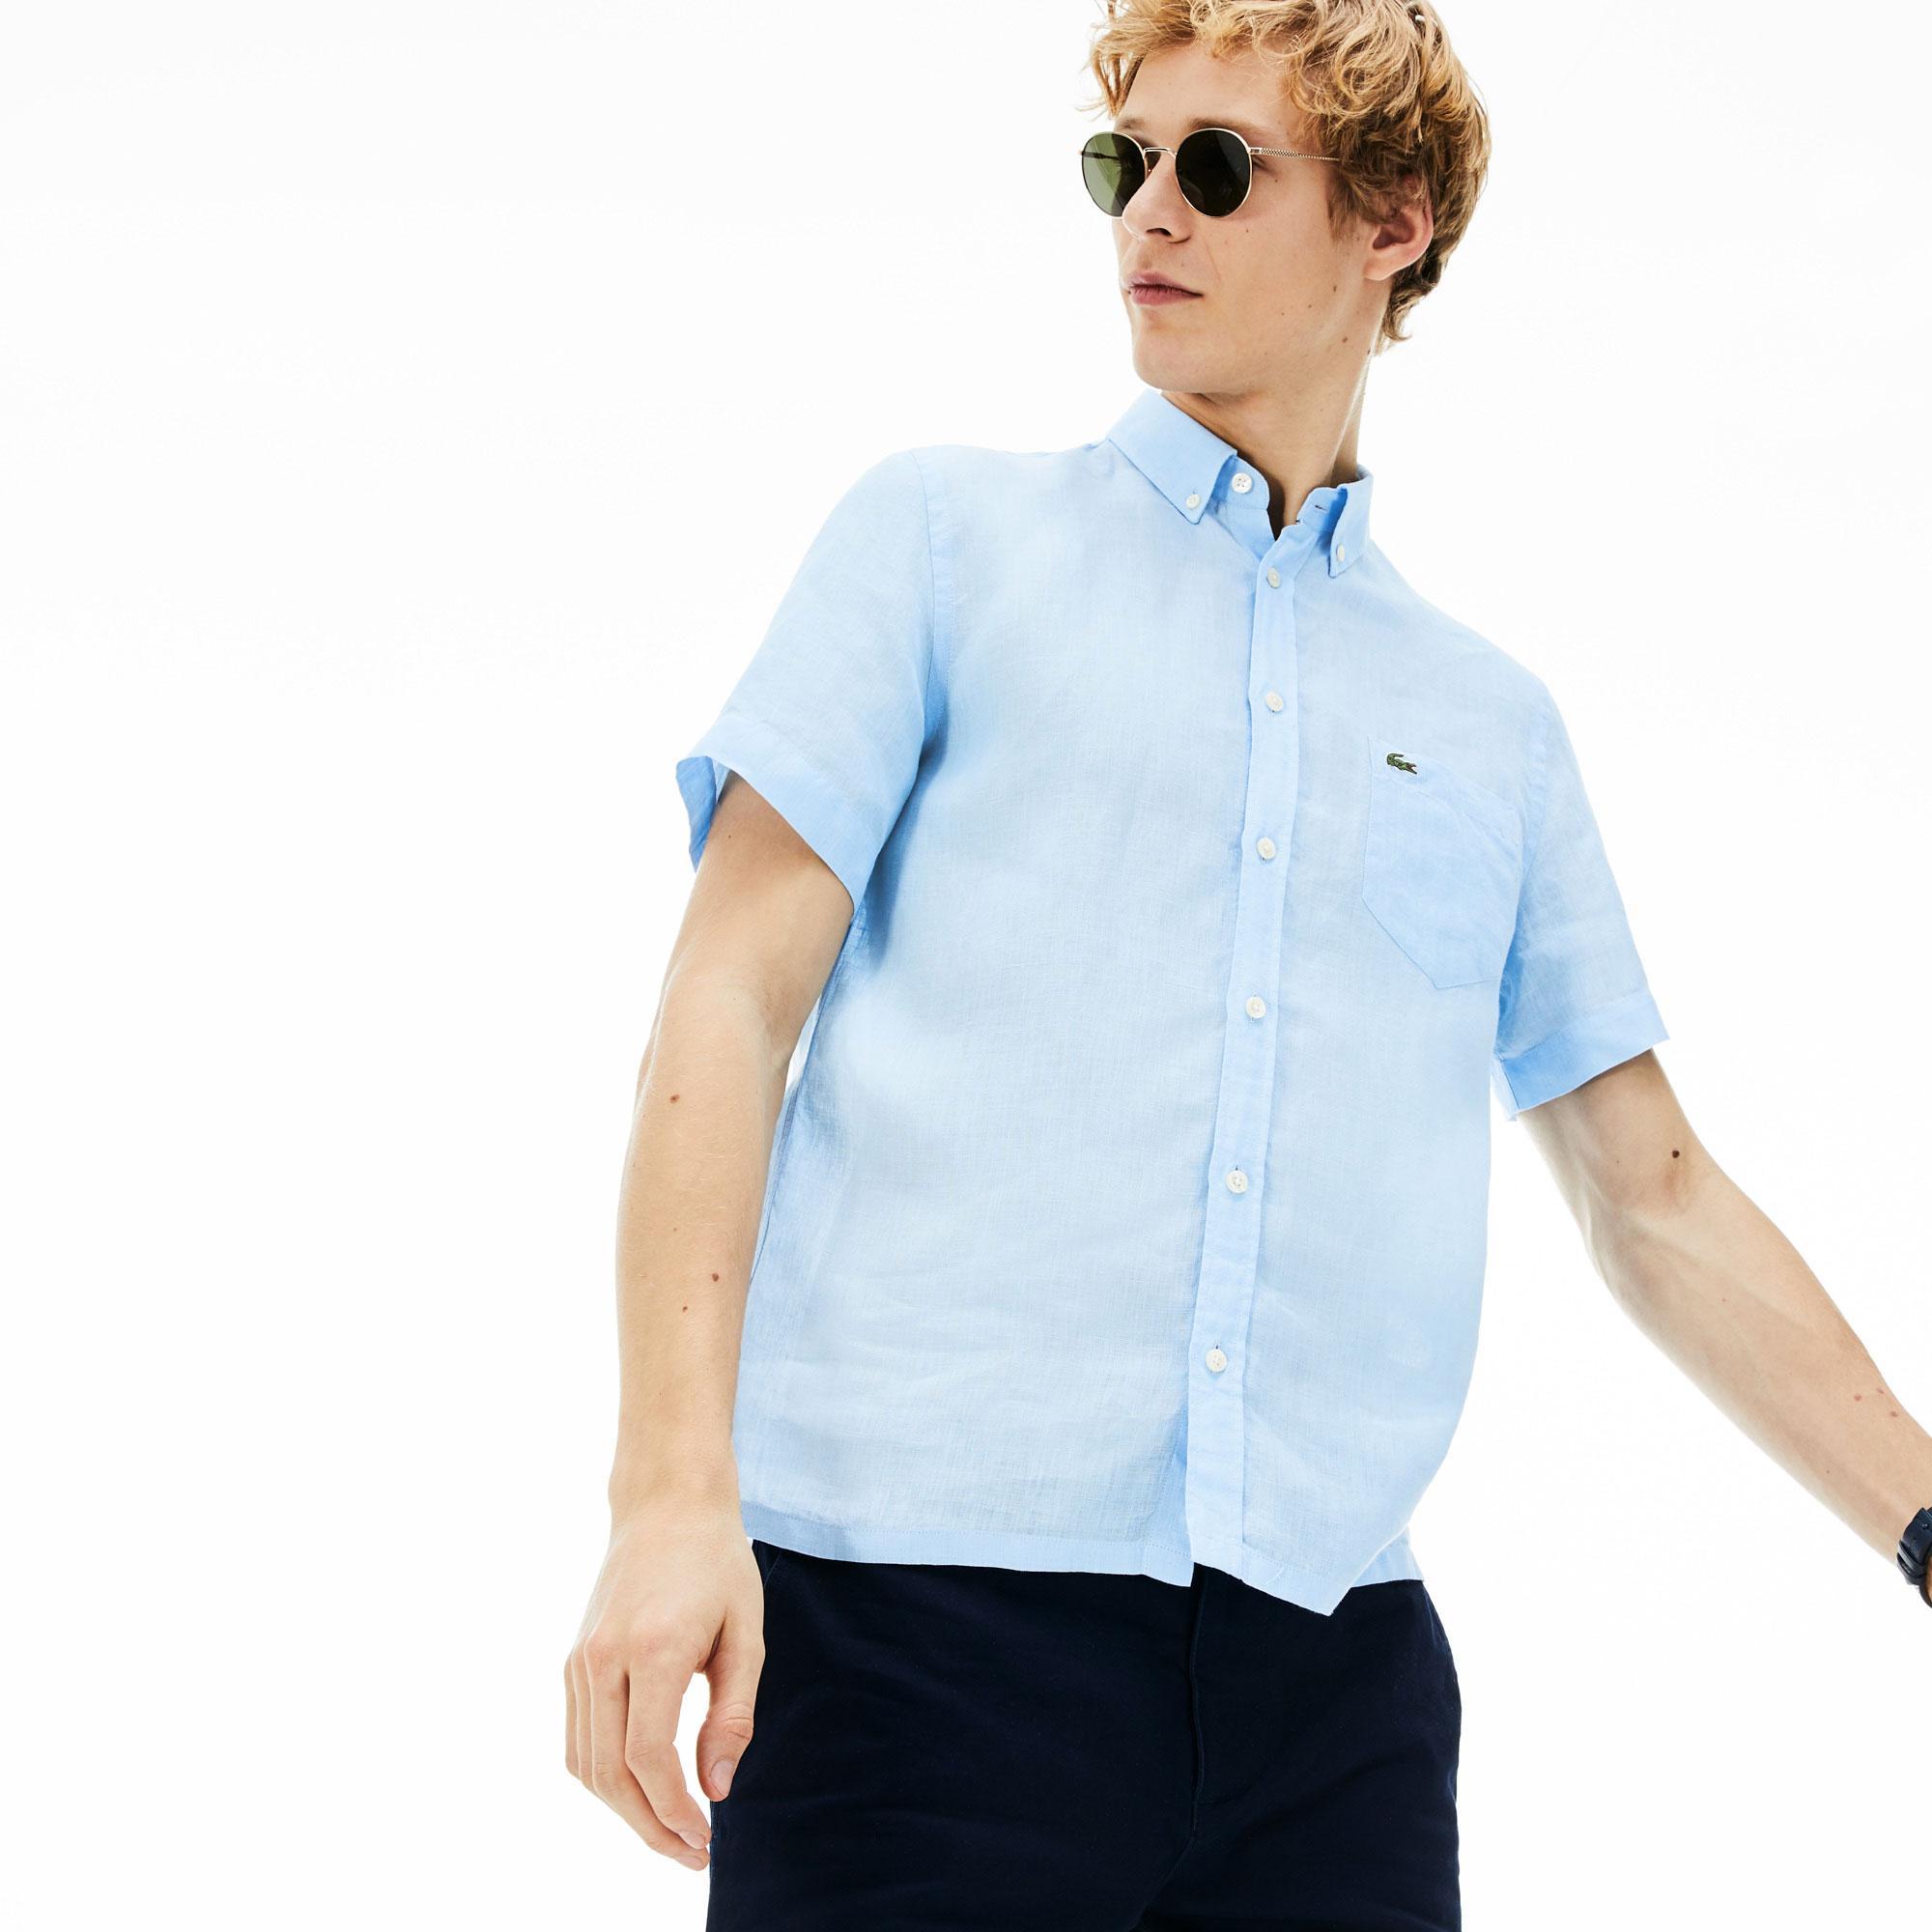 Lacoste Erkek Regular Fit Keten Mavi Kısa Kollu Gömlek